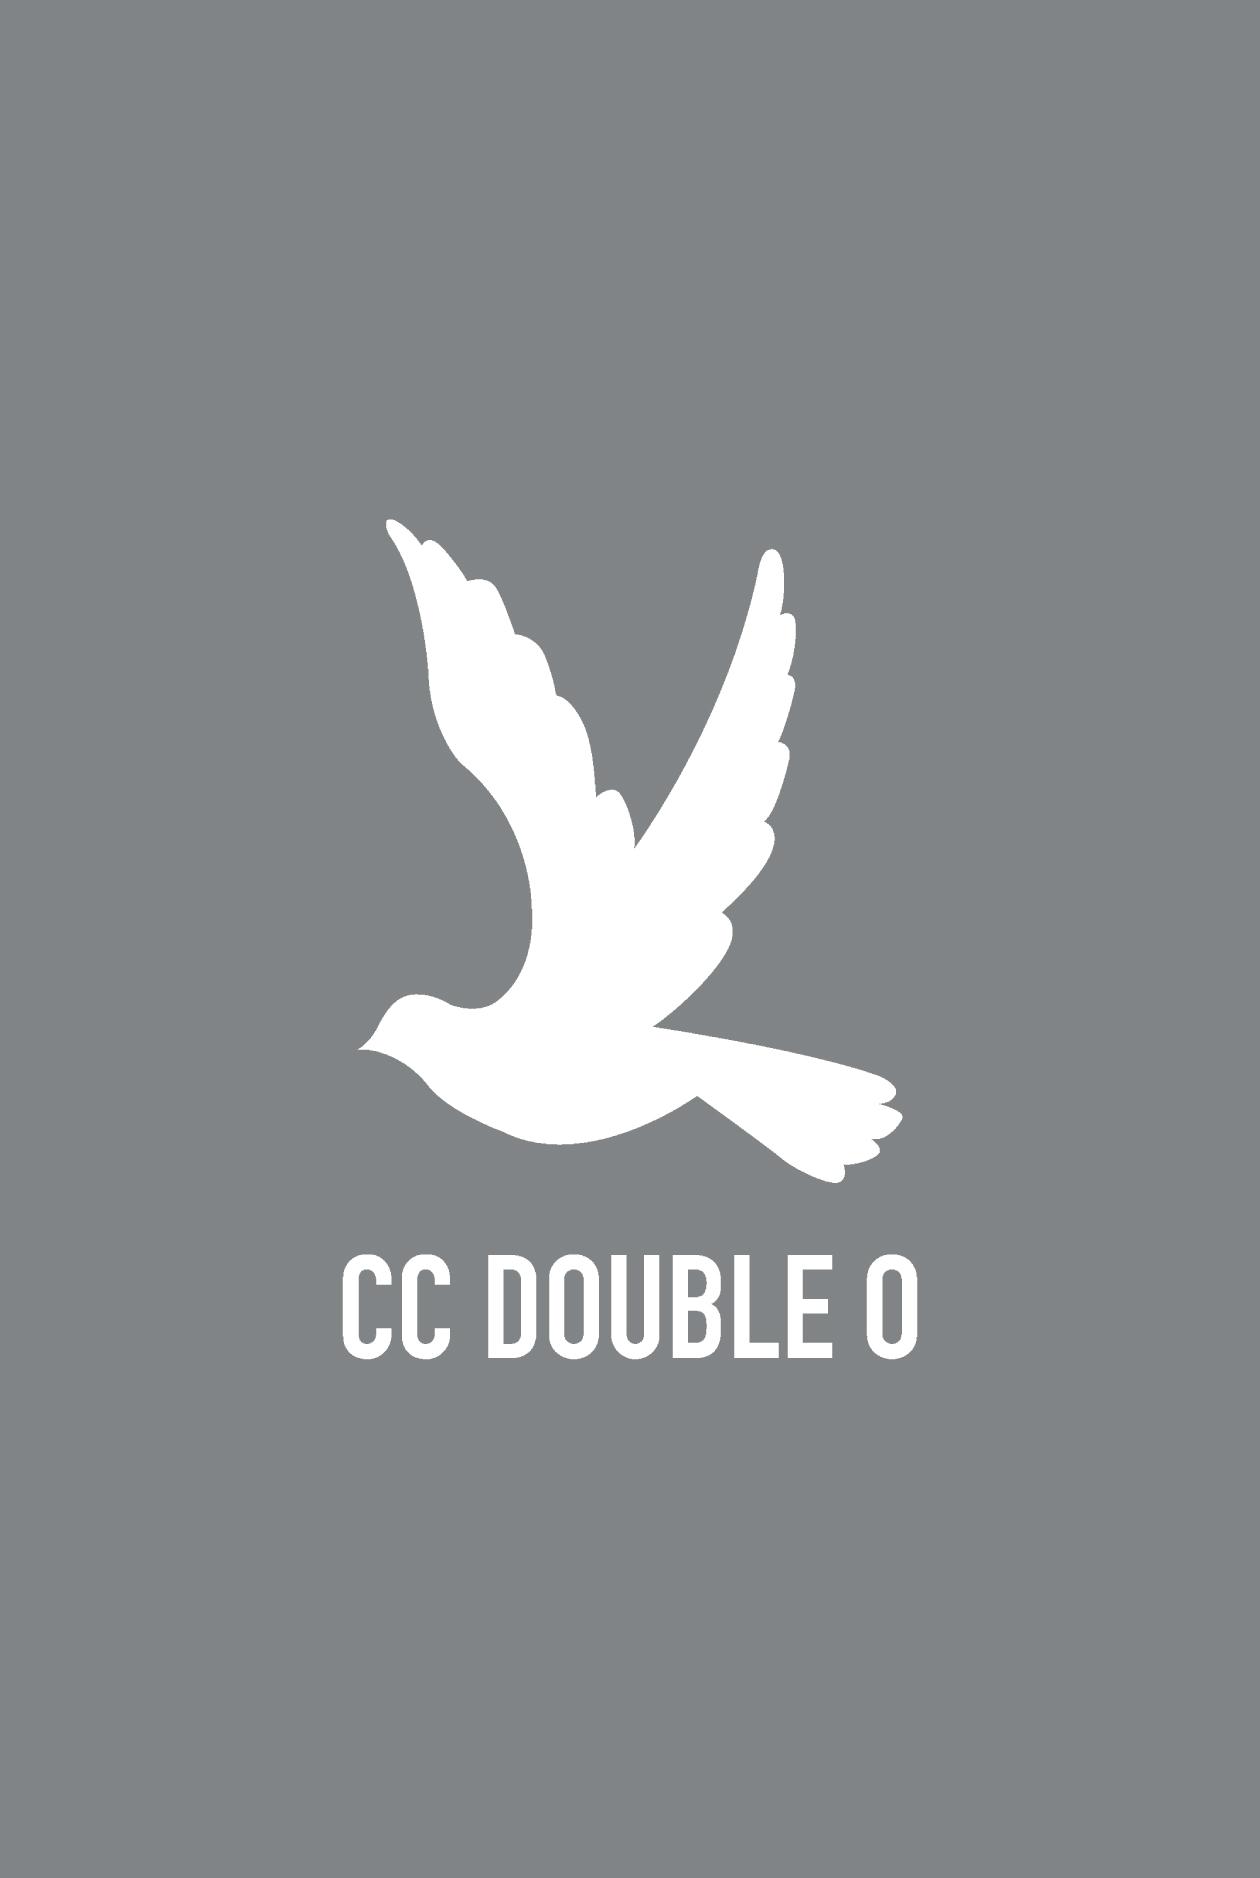 เสื้อยืดลายกราฟฟิค CC DOUBLE O